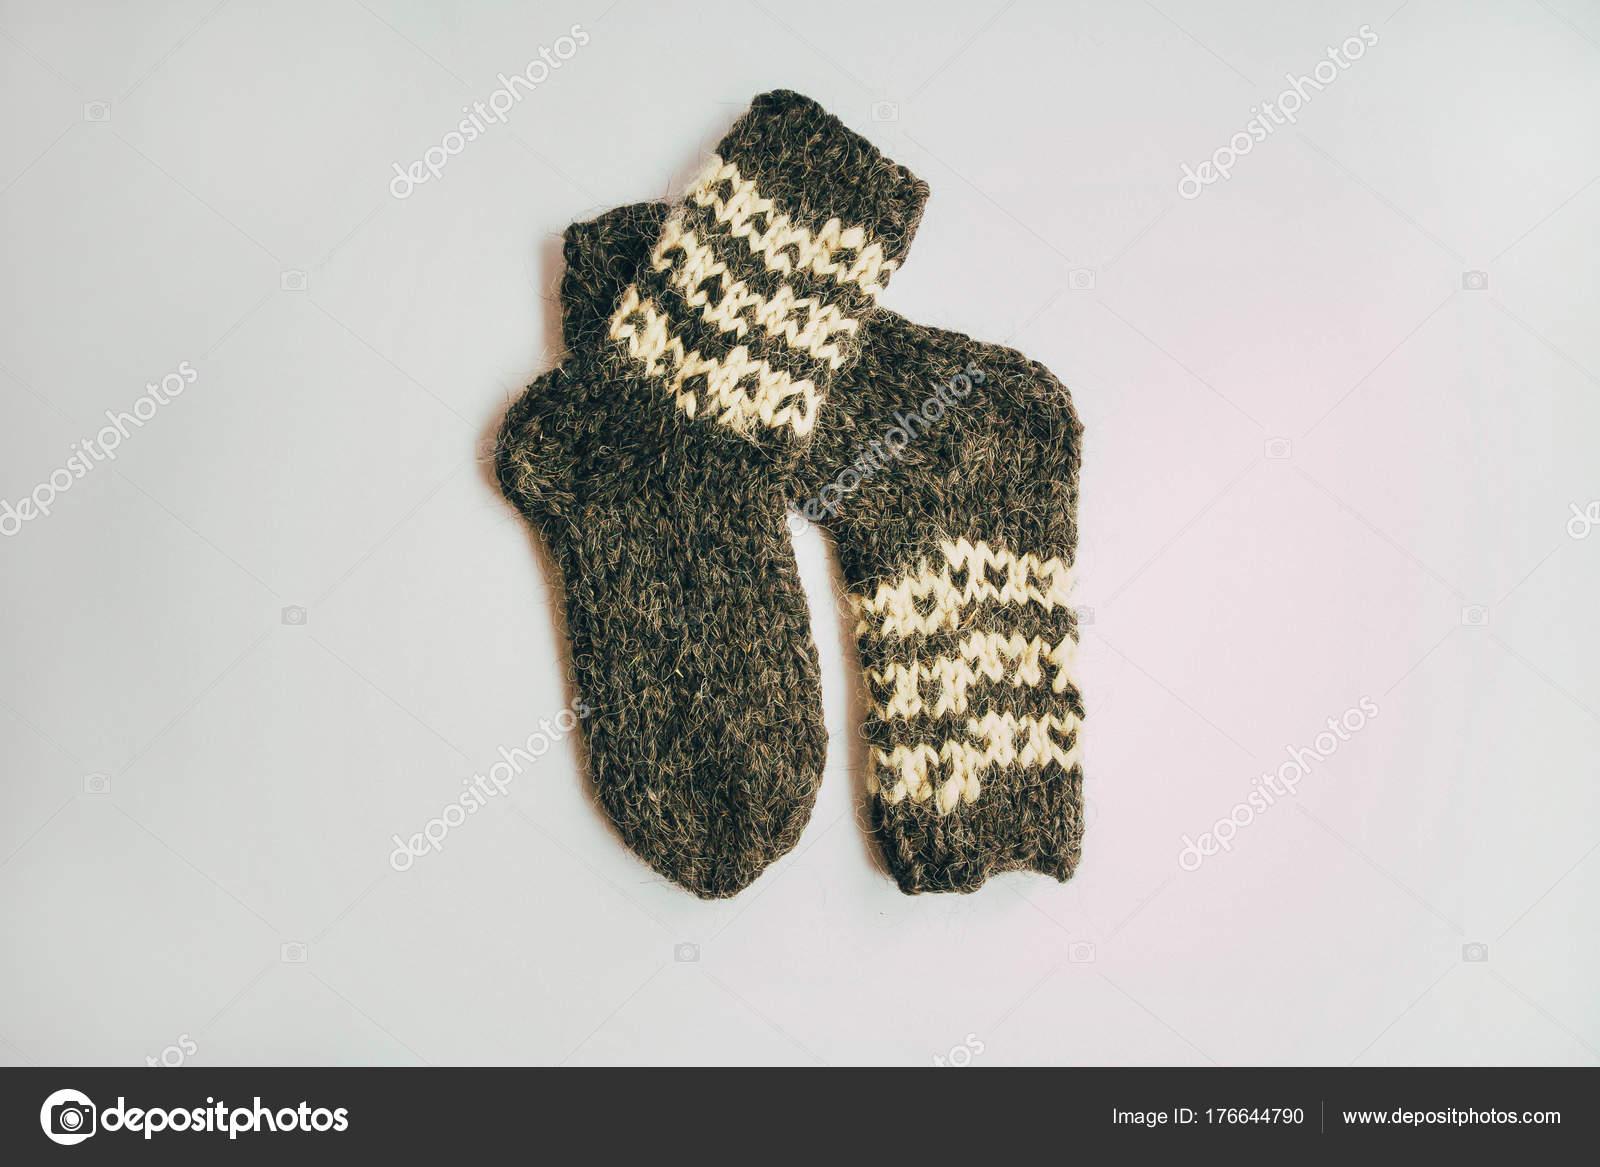 a4223f62082 Zásobník ručně pletené teplé ponožky šály rukavice z hrubé vlny příze hnědá  béžová šedá na dřevo stůl. Zblízka. Podzim zima Eco Fashion Terrany styl.